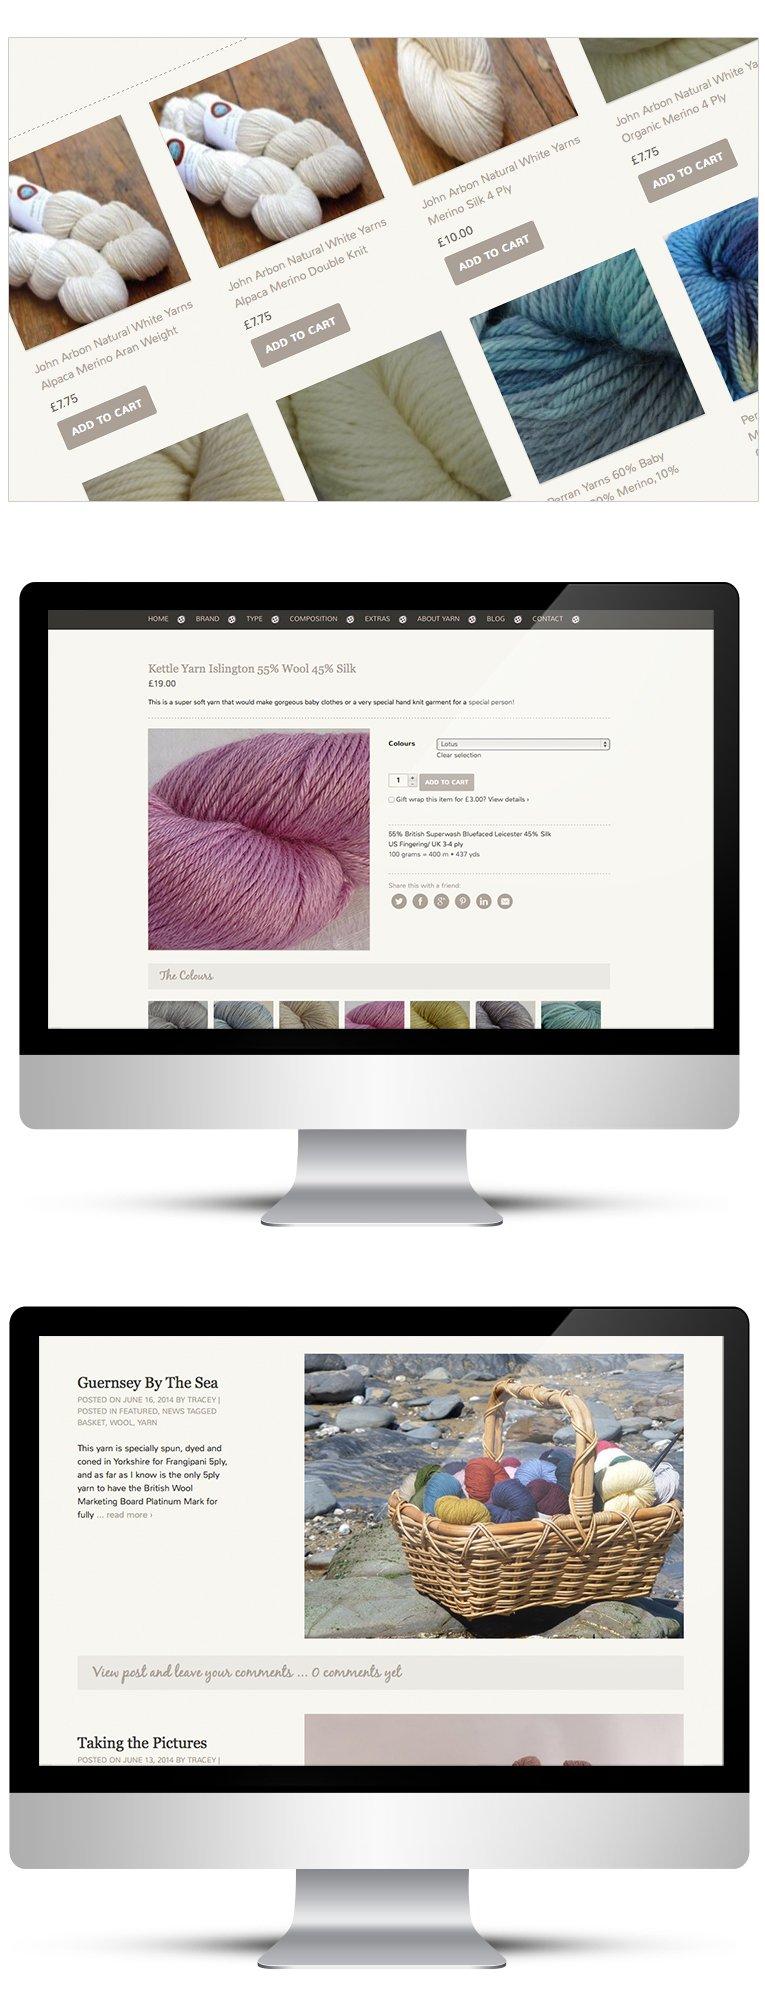 Reponsive design - desktop